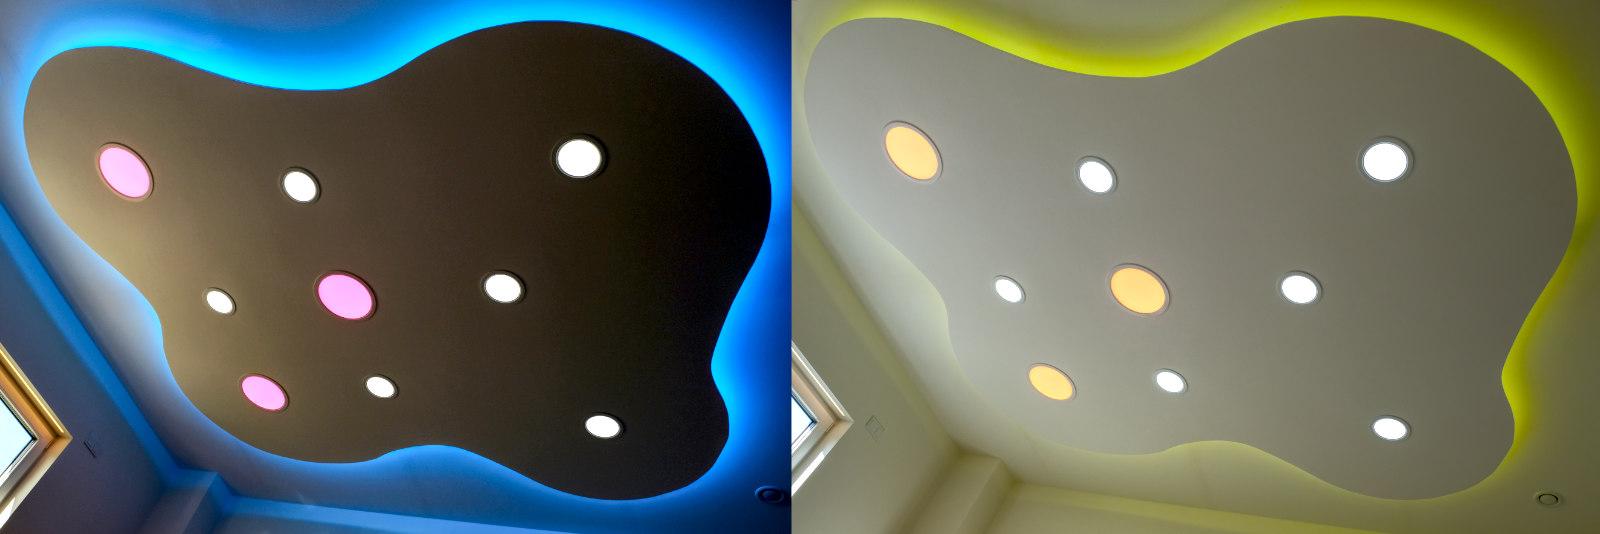 indirekte LED Deckenbeleuchtung mit LED Stripes und Panels